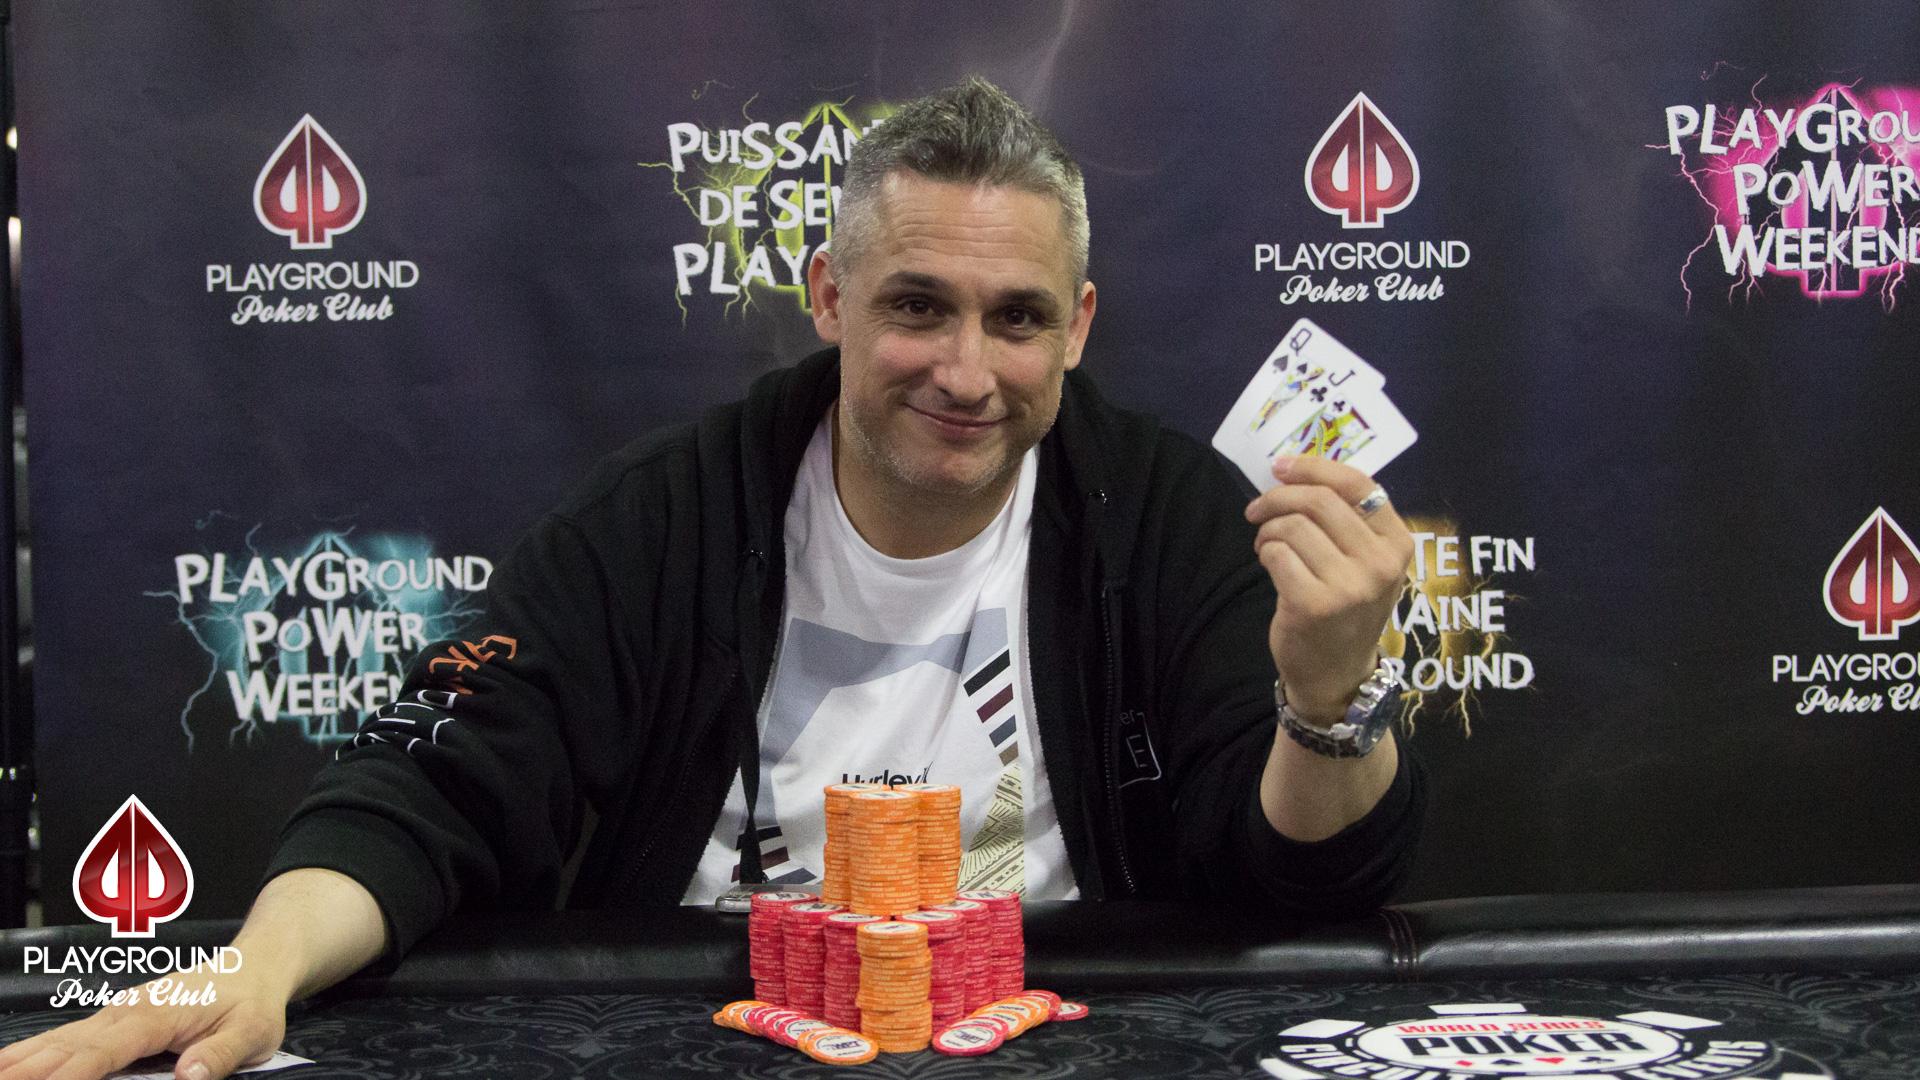 Event #5 Champion: Jean-Francois M